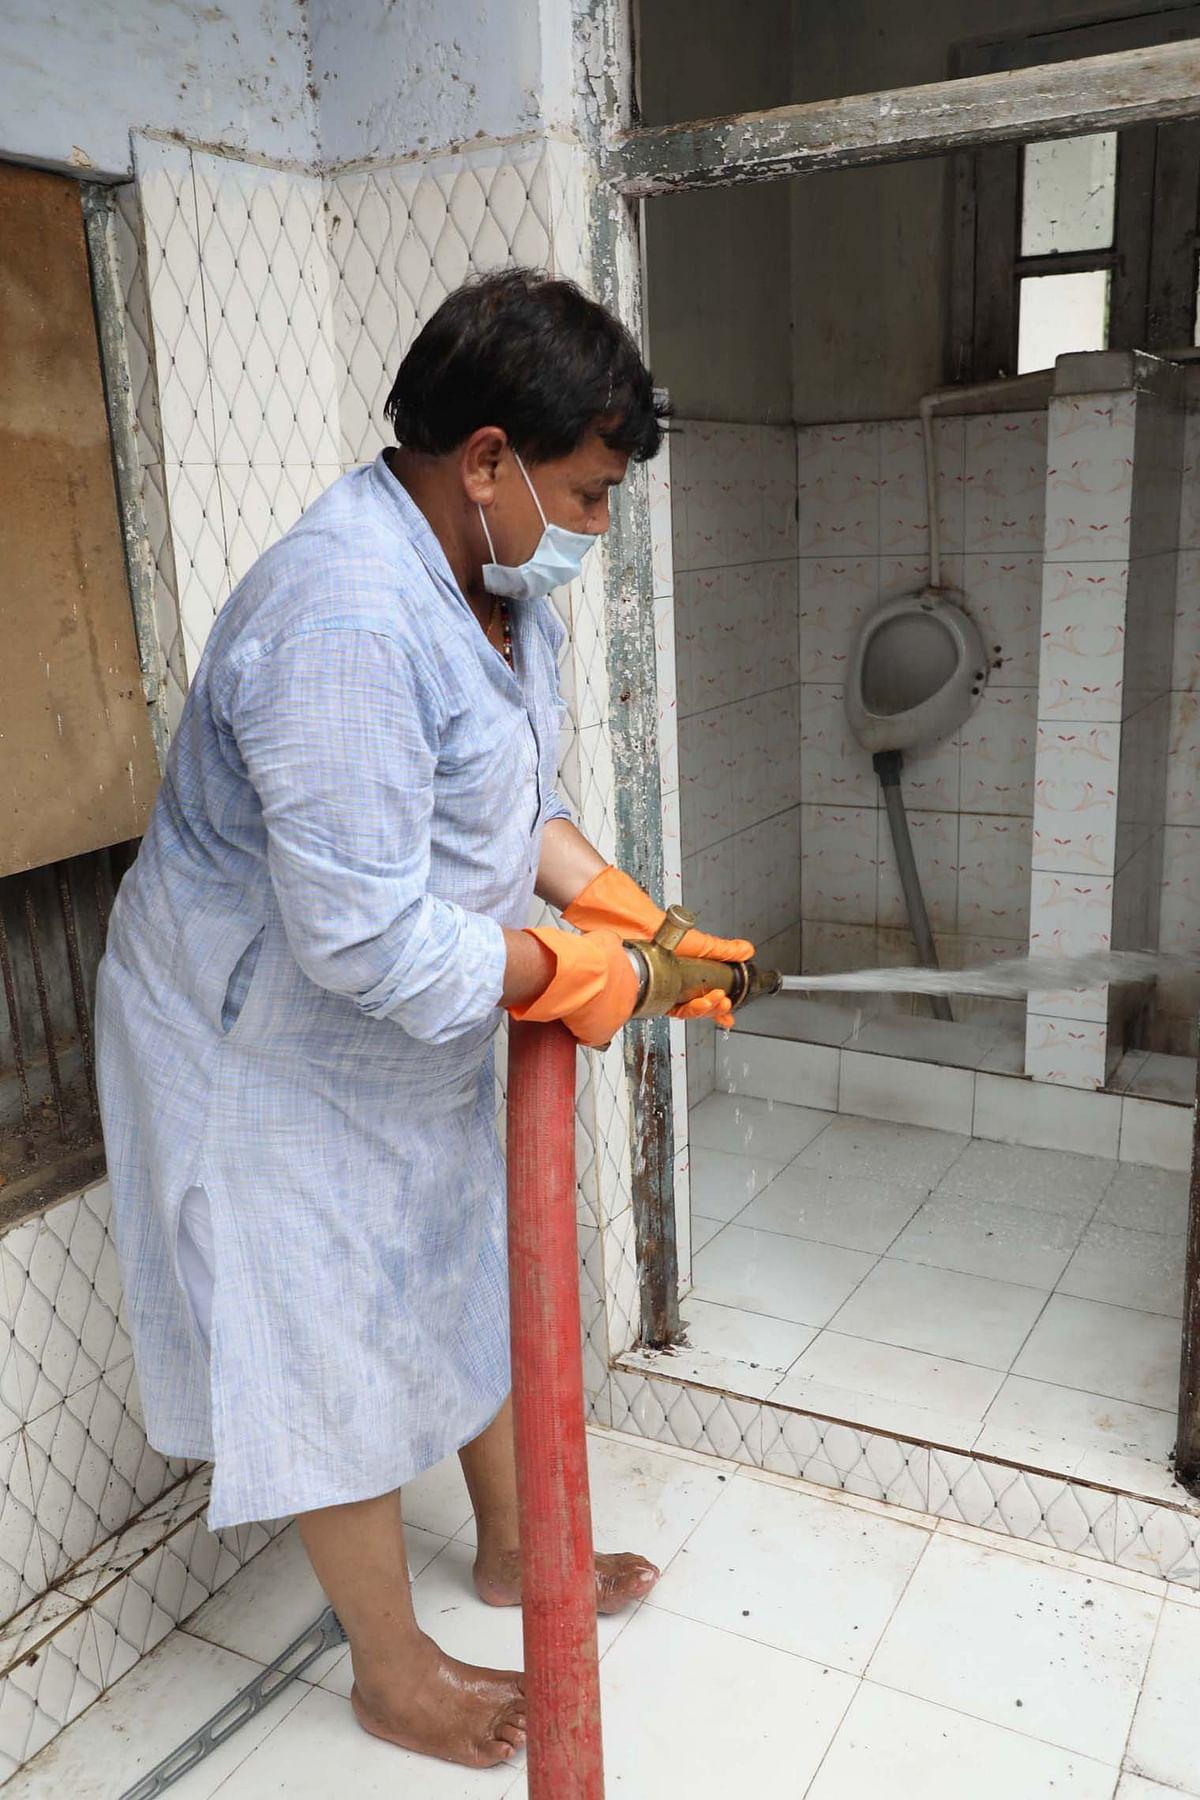 सफाई के प्रति प्रत्येक कर्मचारी समझे अपनी जिम्मेदारी : ऊर्जा मंत्री तोमर